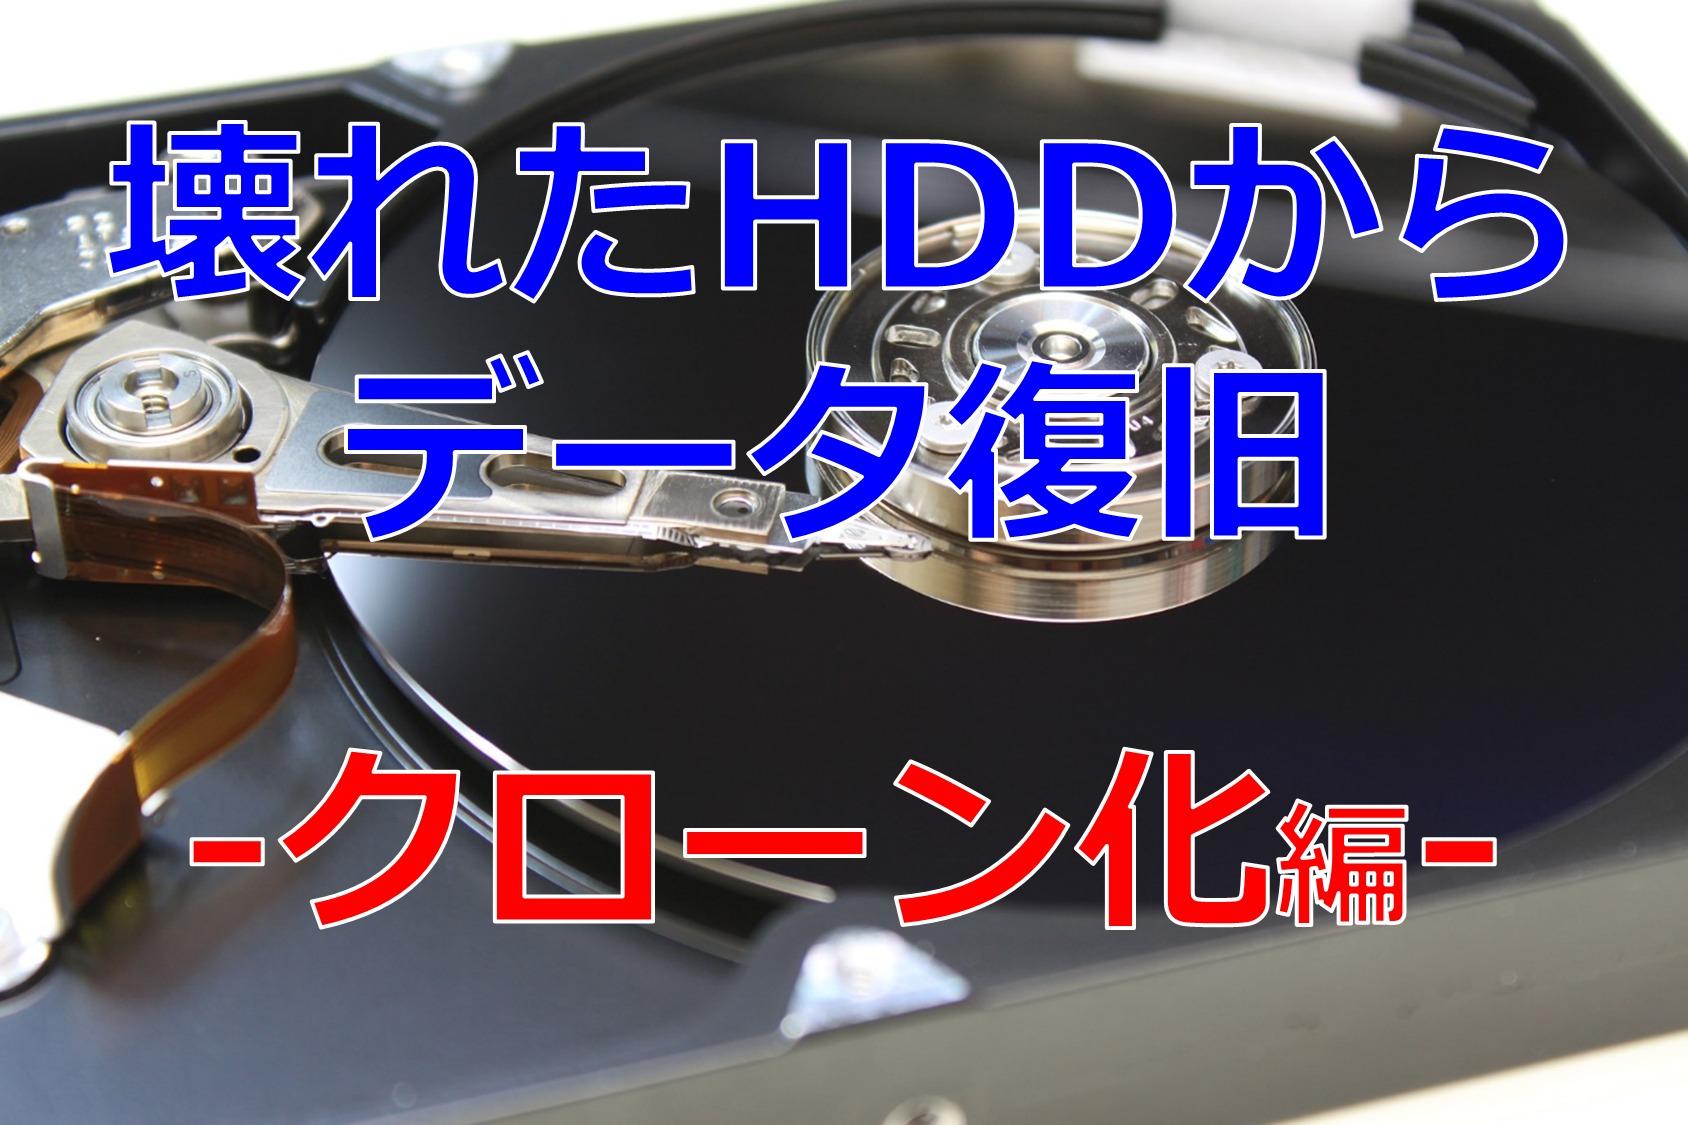 壊れたHDDをクローン化してデータを復旧する方法 データリカバリー